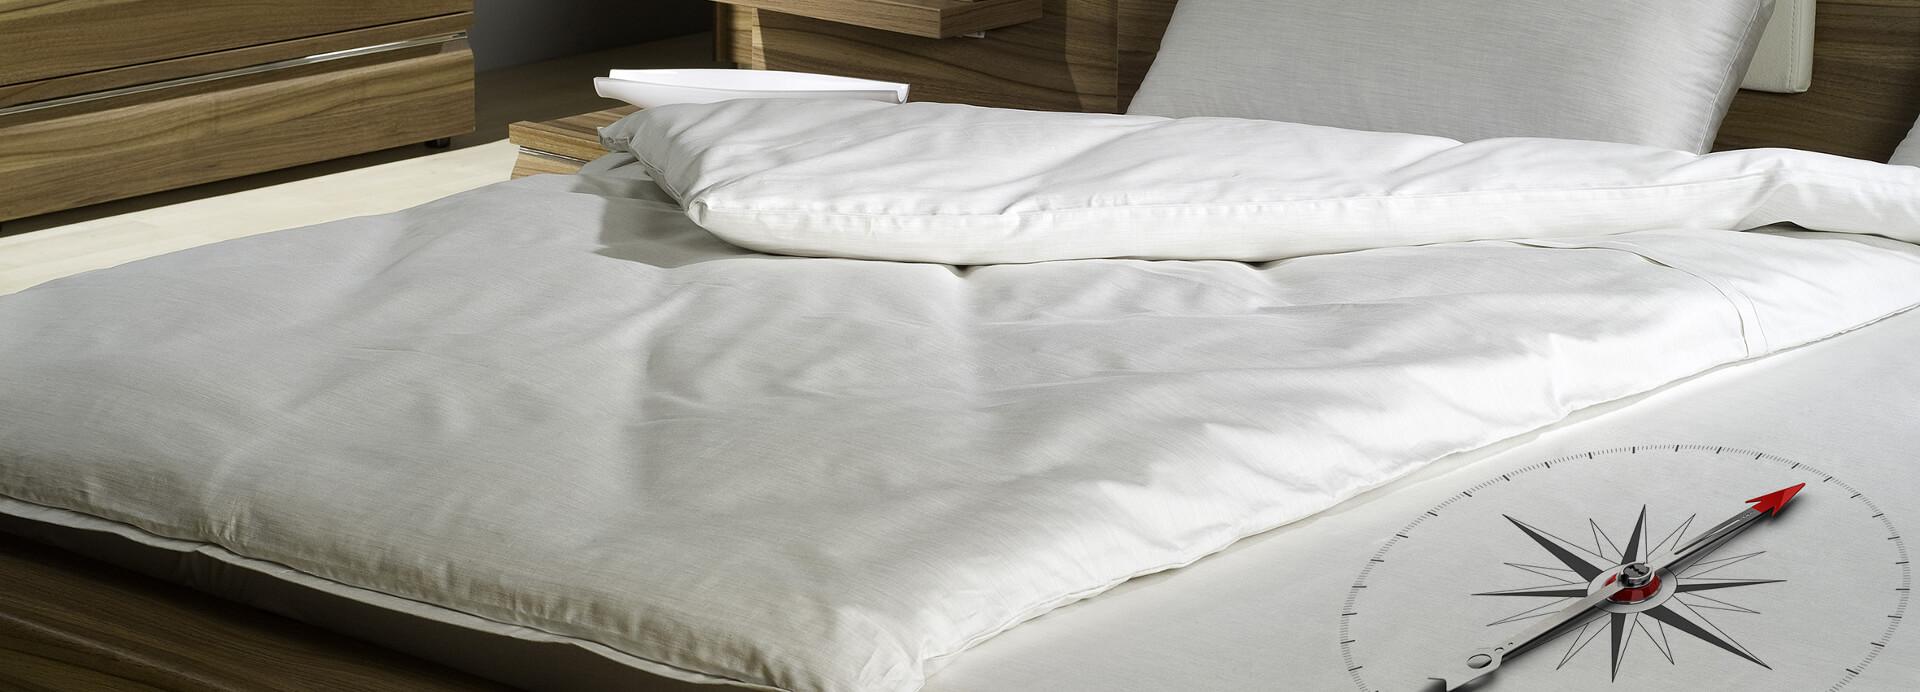 in welche richtung sollte man mit dem kopf schlafen ostseesuche com. Black Bedroom Furniture Sets. Home Design Ideas